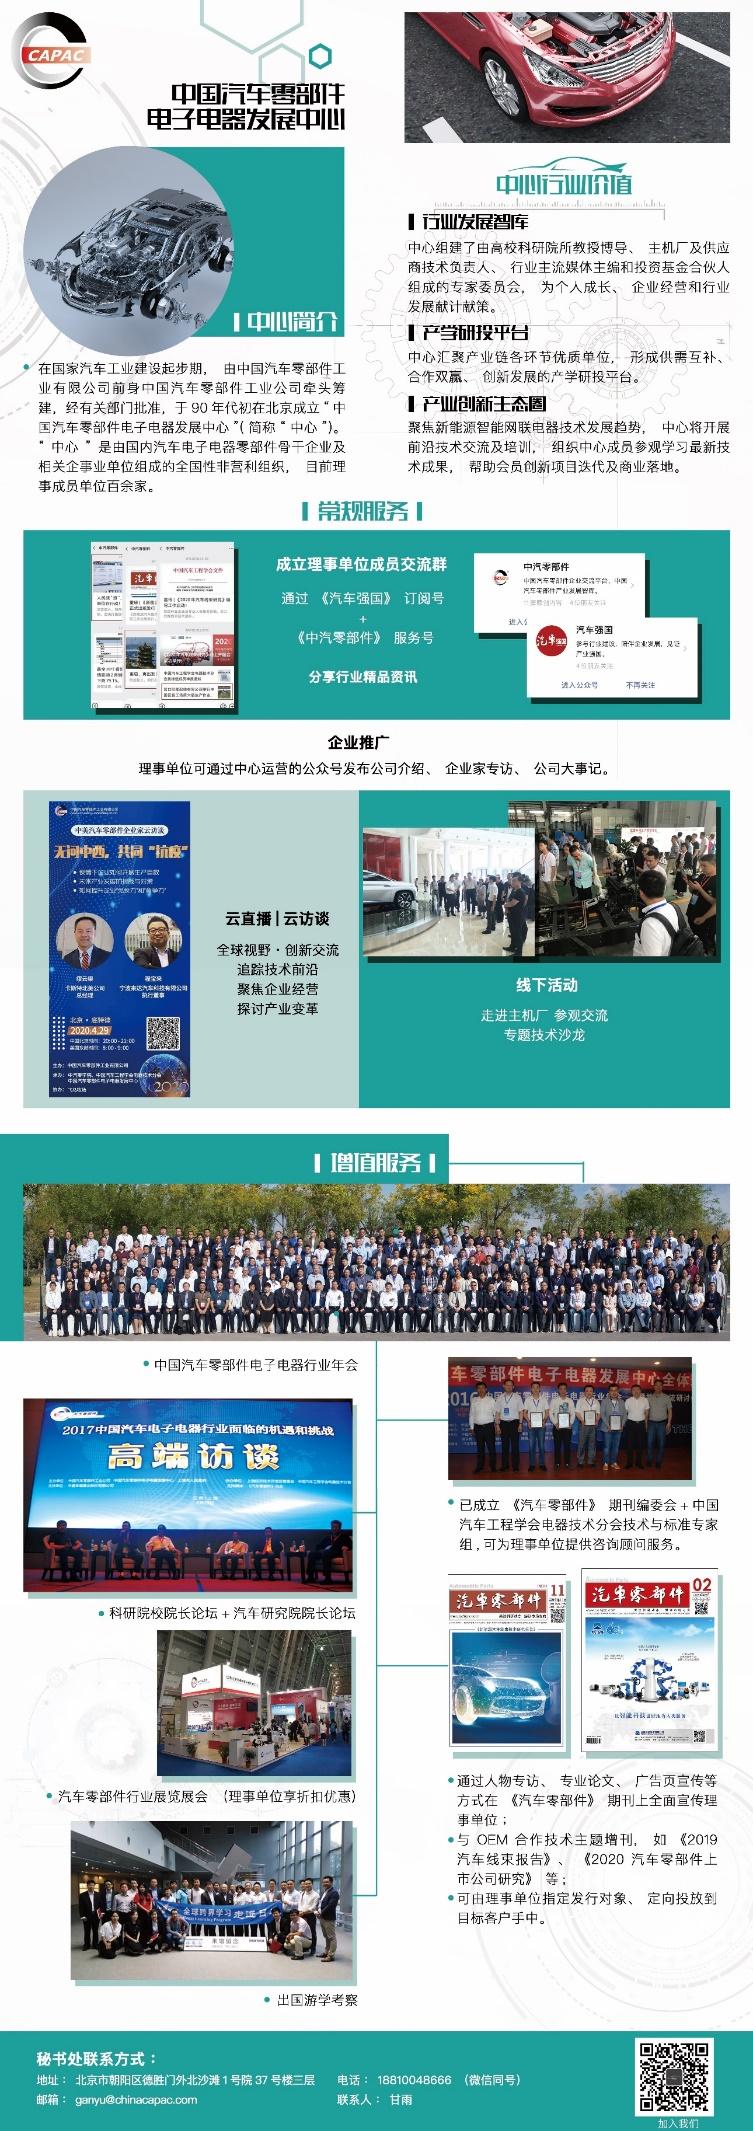 中汽零部件技术沙龙在上海长园成功举办(图11)